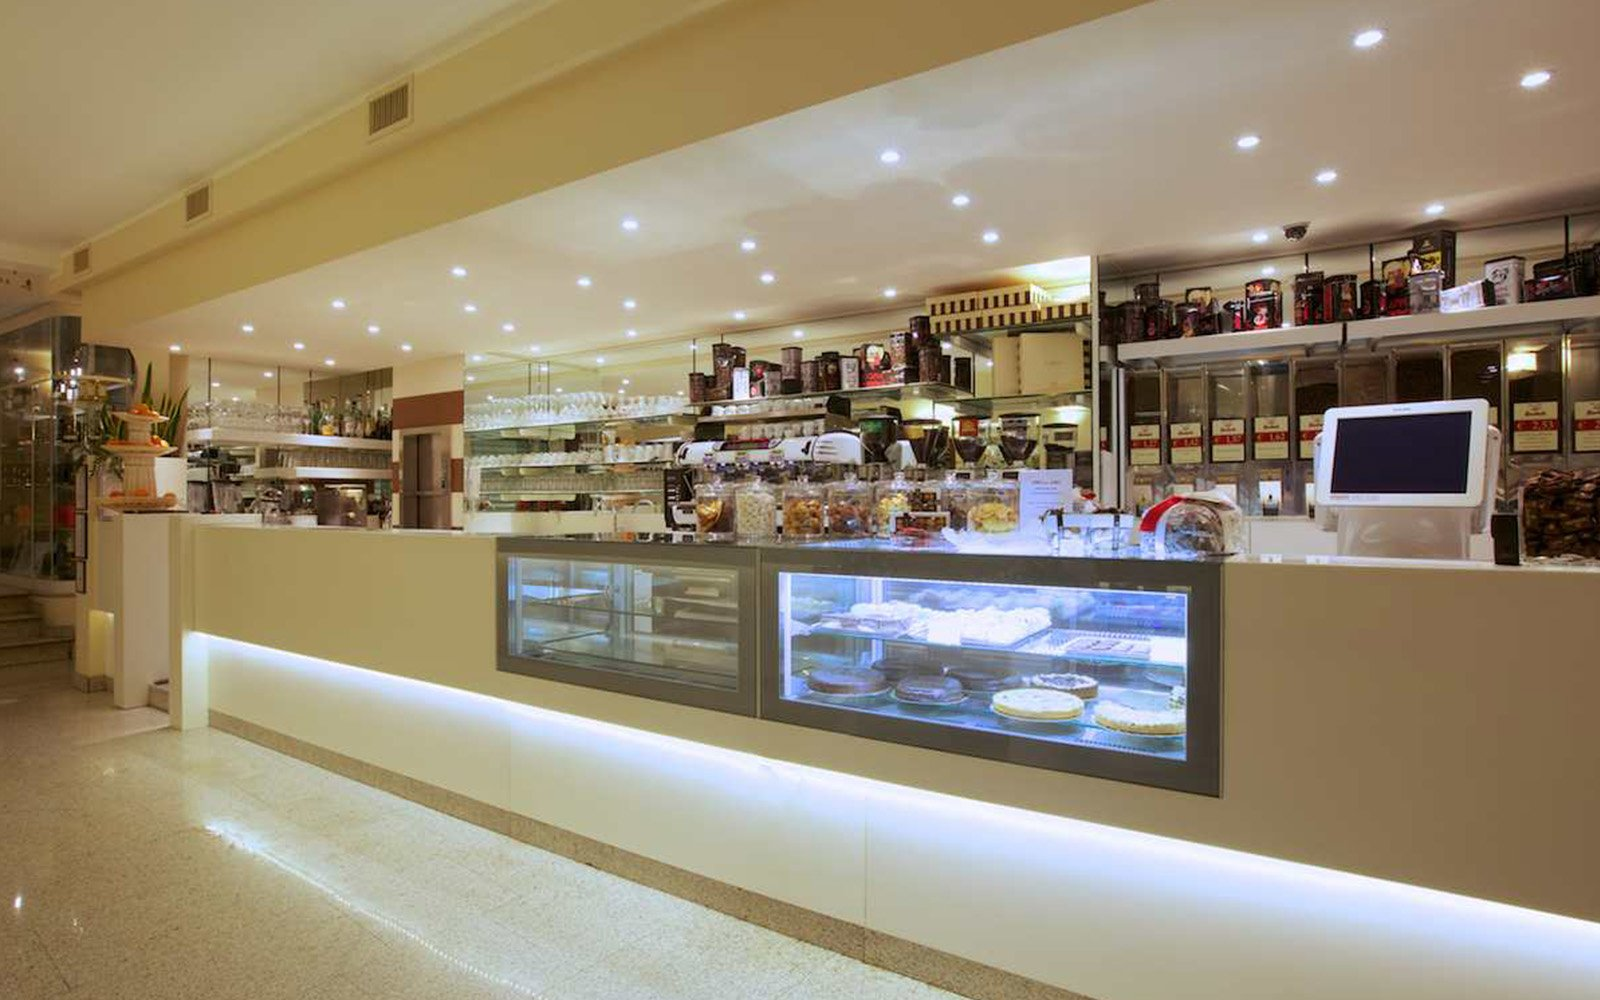 un bar pasticceria con vista delle torte e del bancone